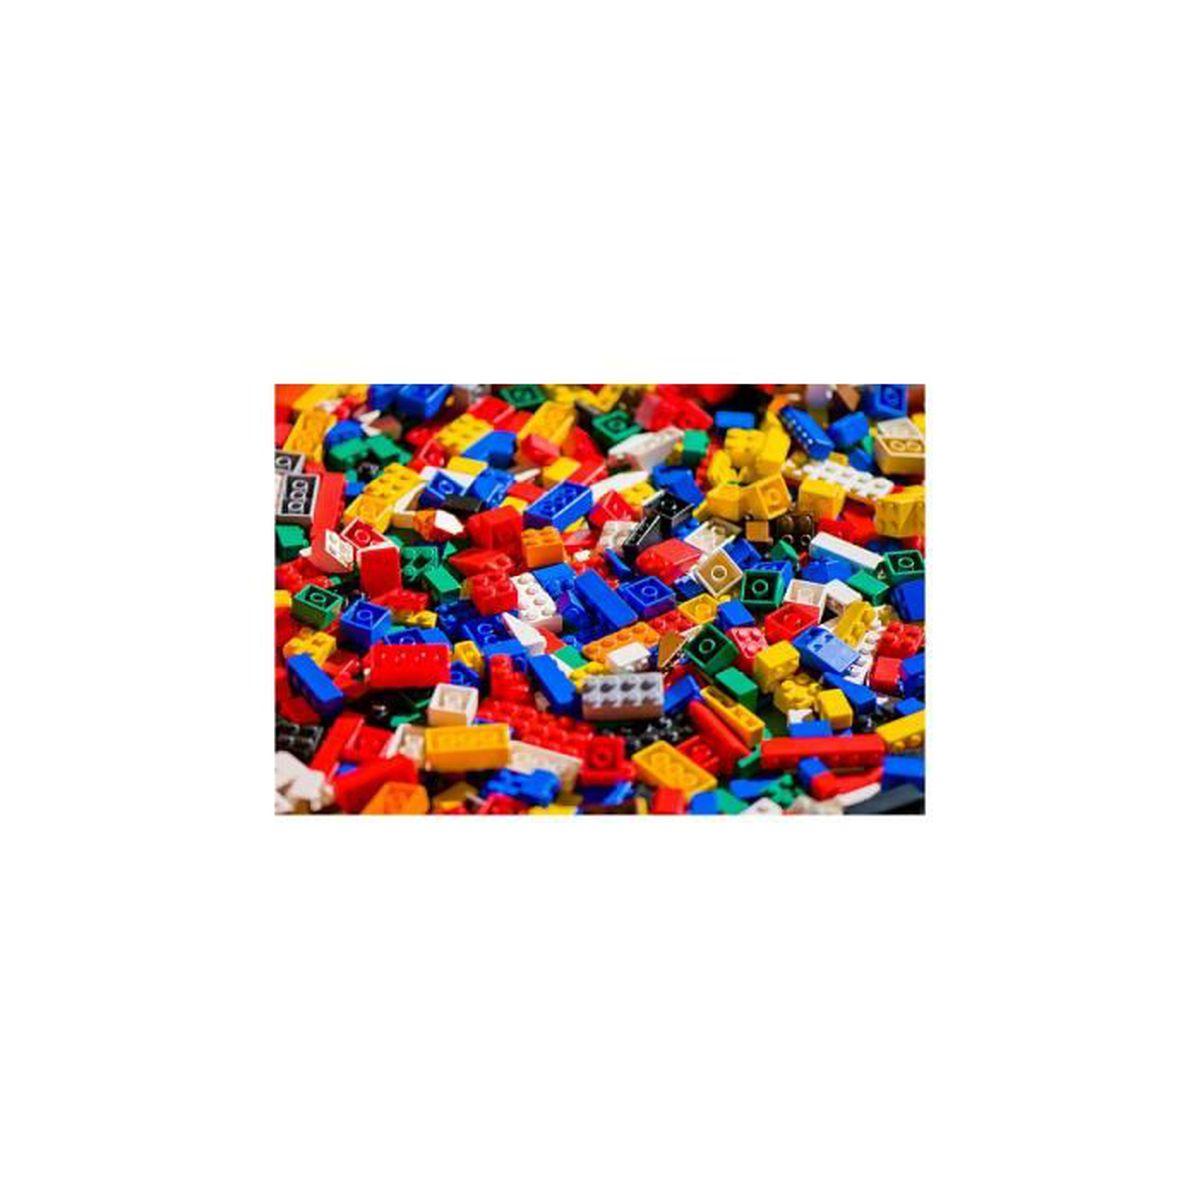 Briques En Vrac Qbricks Compatible Lego 1 Kg Achat Vente Assemblage Construction Cdiscount